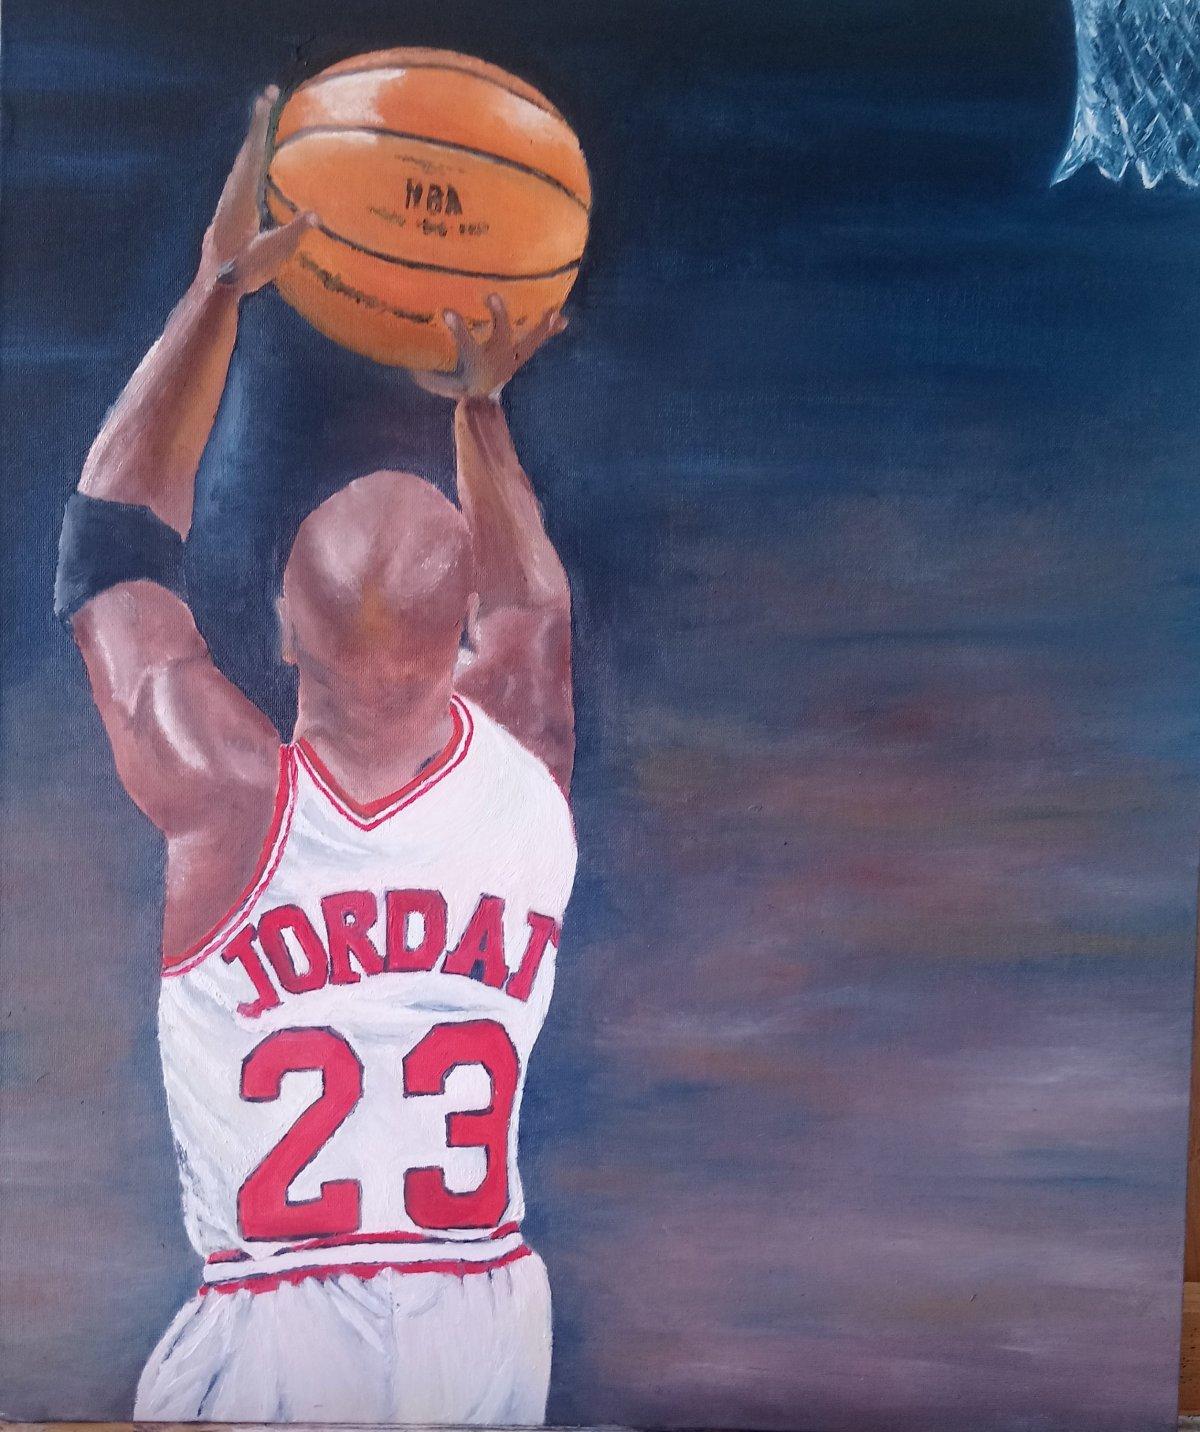 Défi Michael Jordanterminé